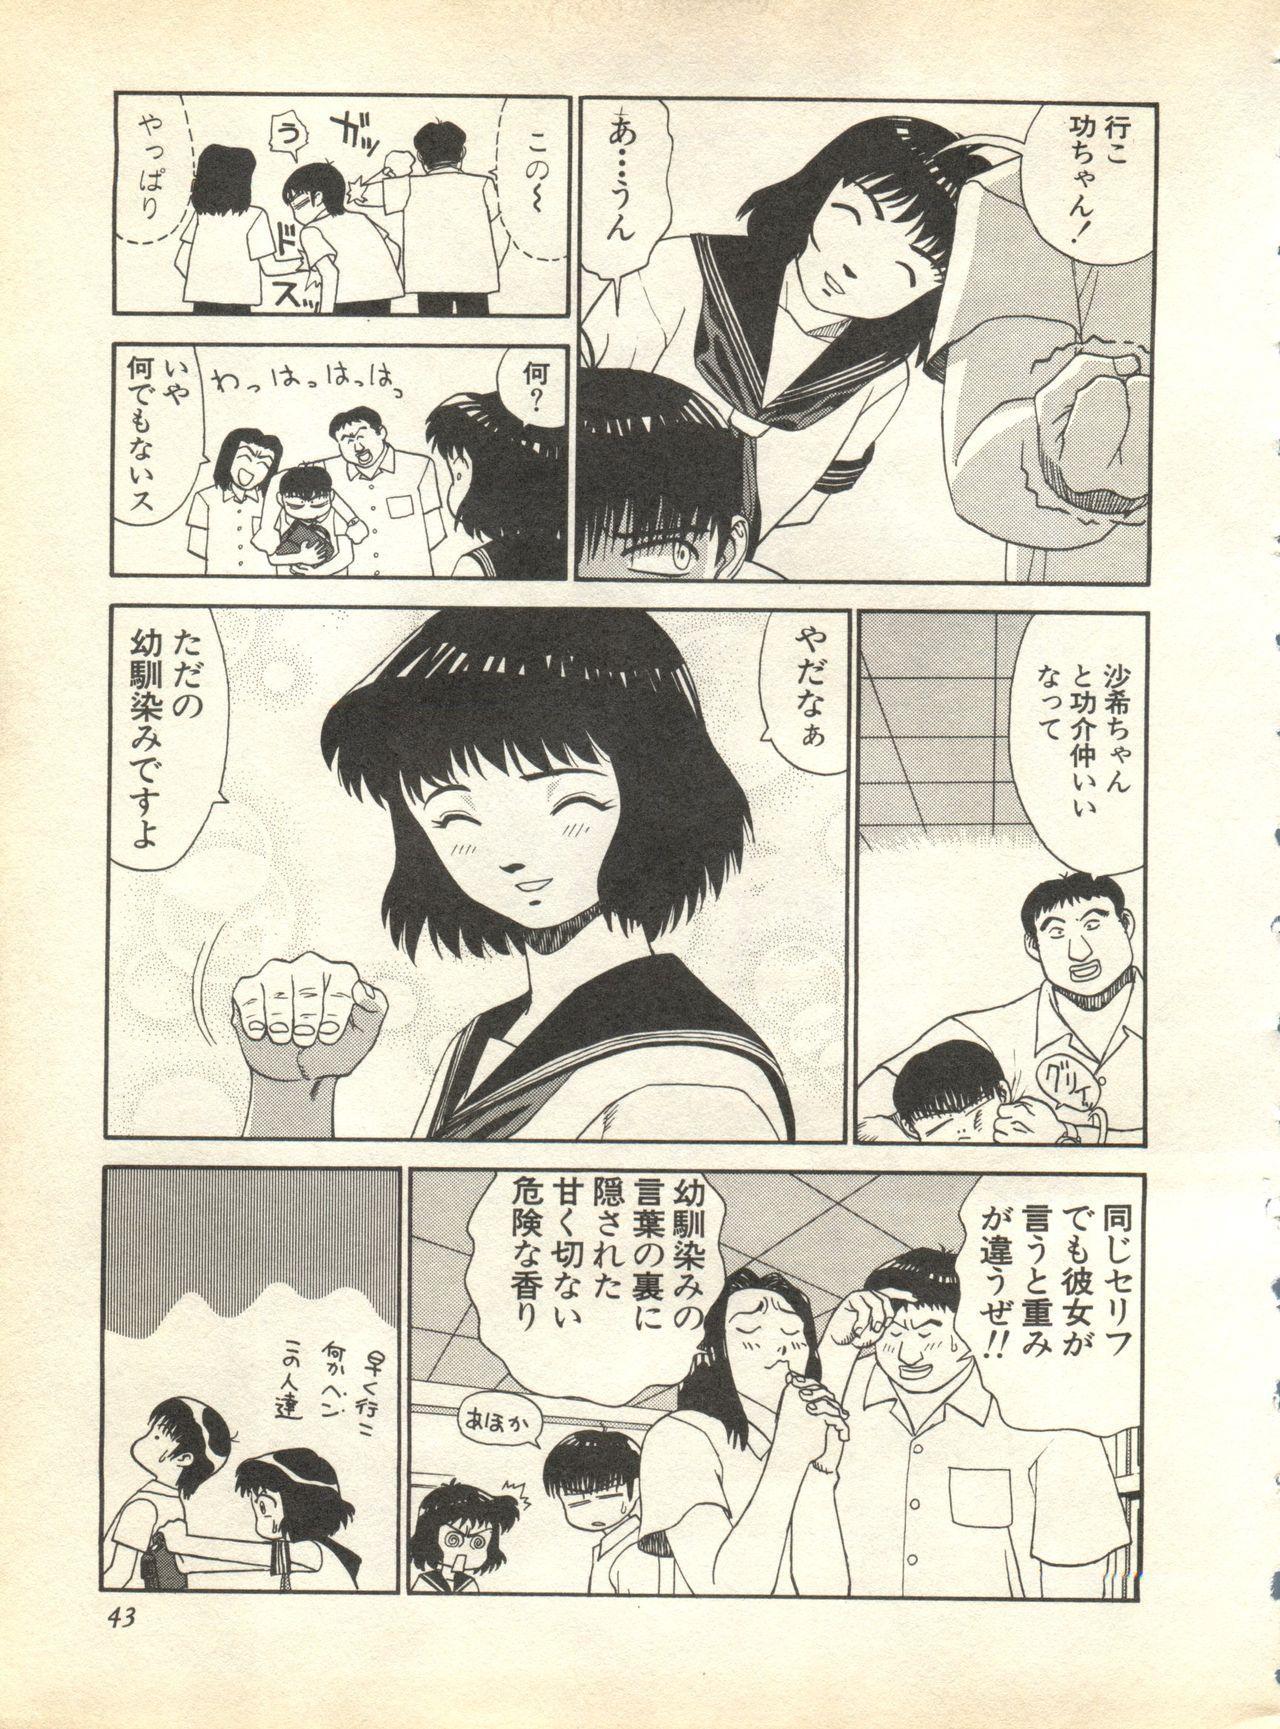 Pai;kuu 1998 October Vol. 13 42